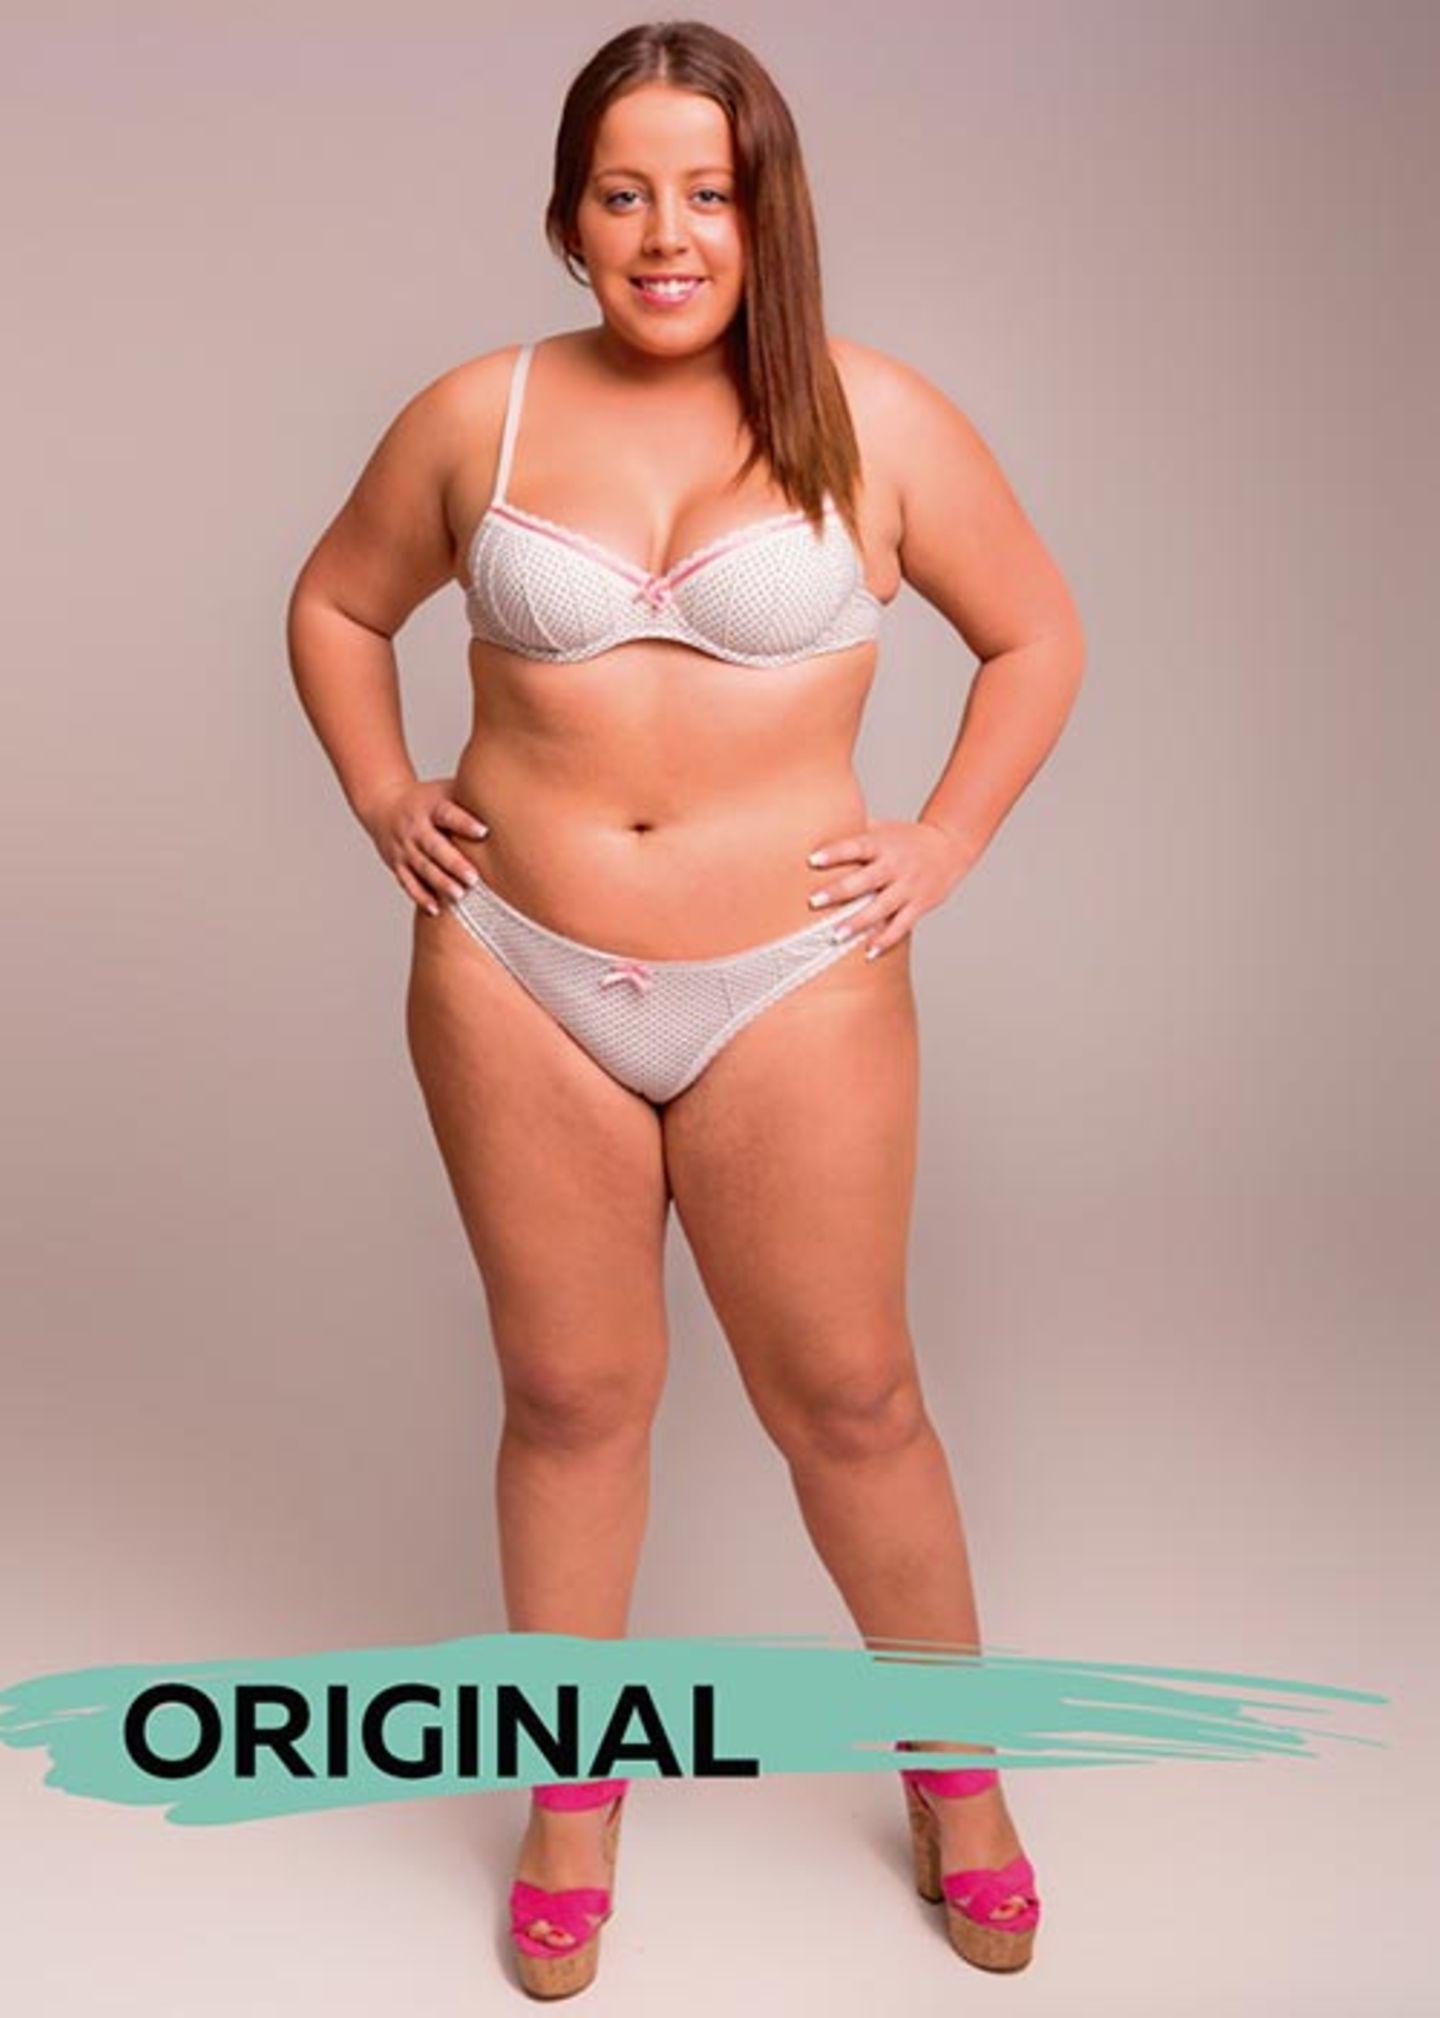 Der perfekte weibliche Körper